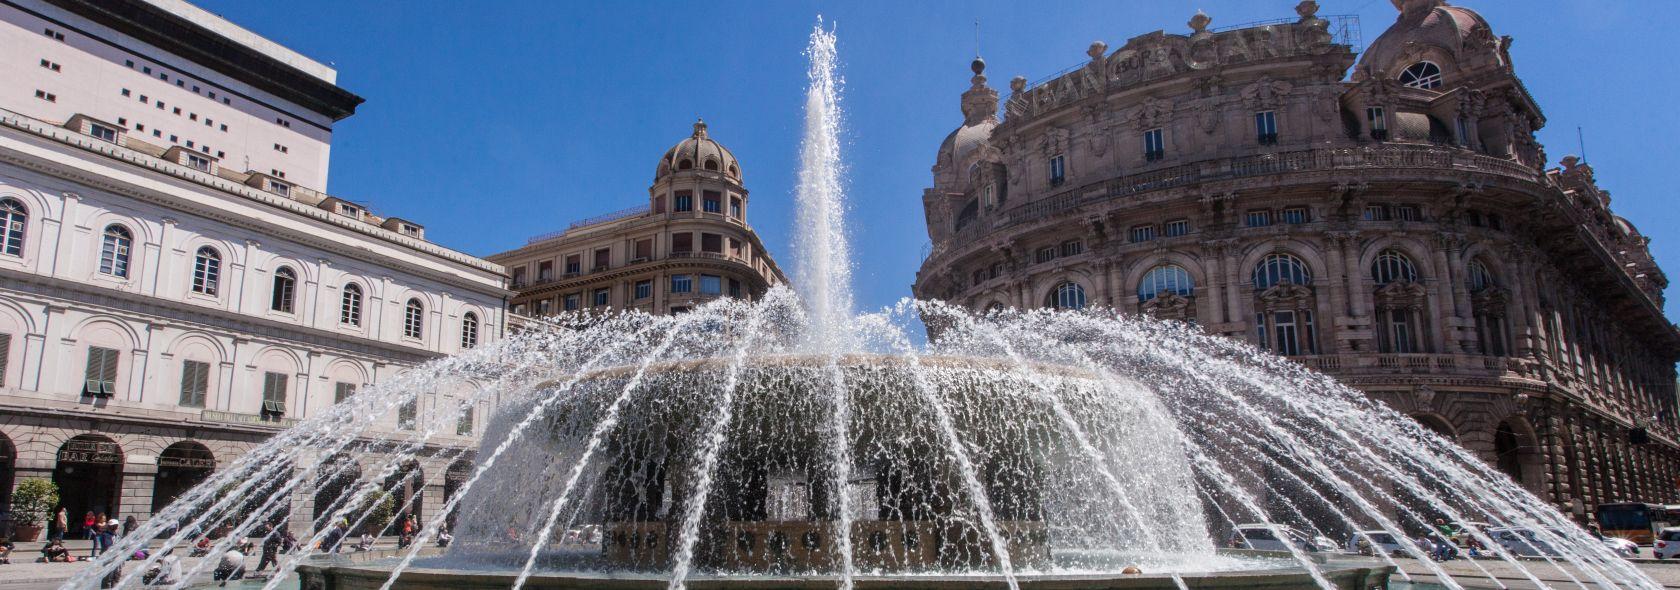 Genova - Piazza De Ferrari  - Photo © Xedum